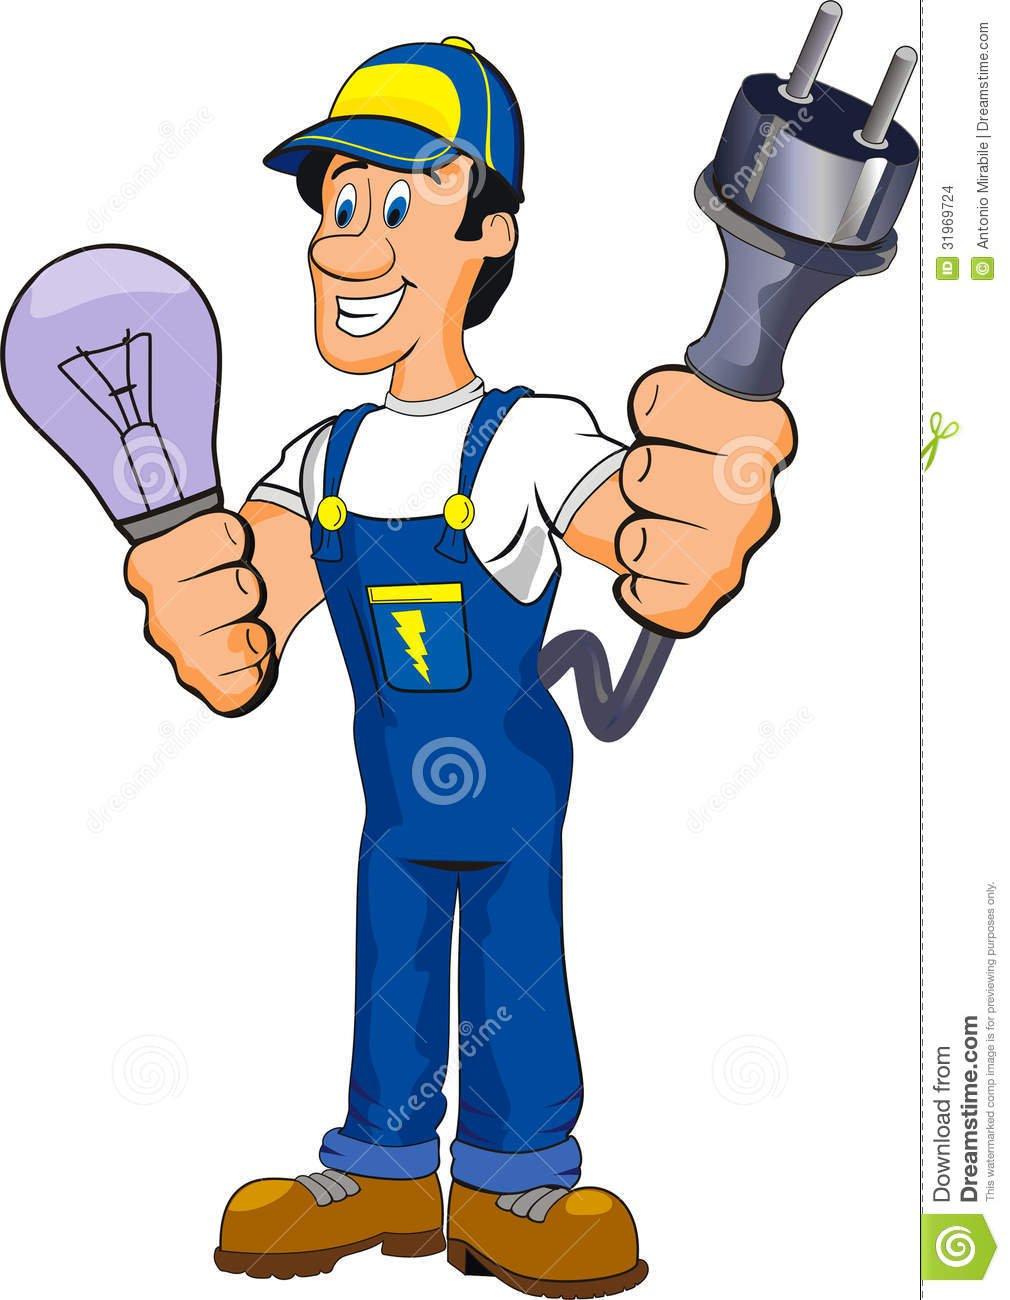 Desenhos Animados Do Eletricista Imagens De Stock